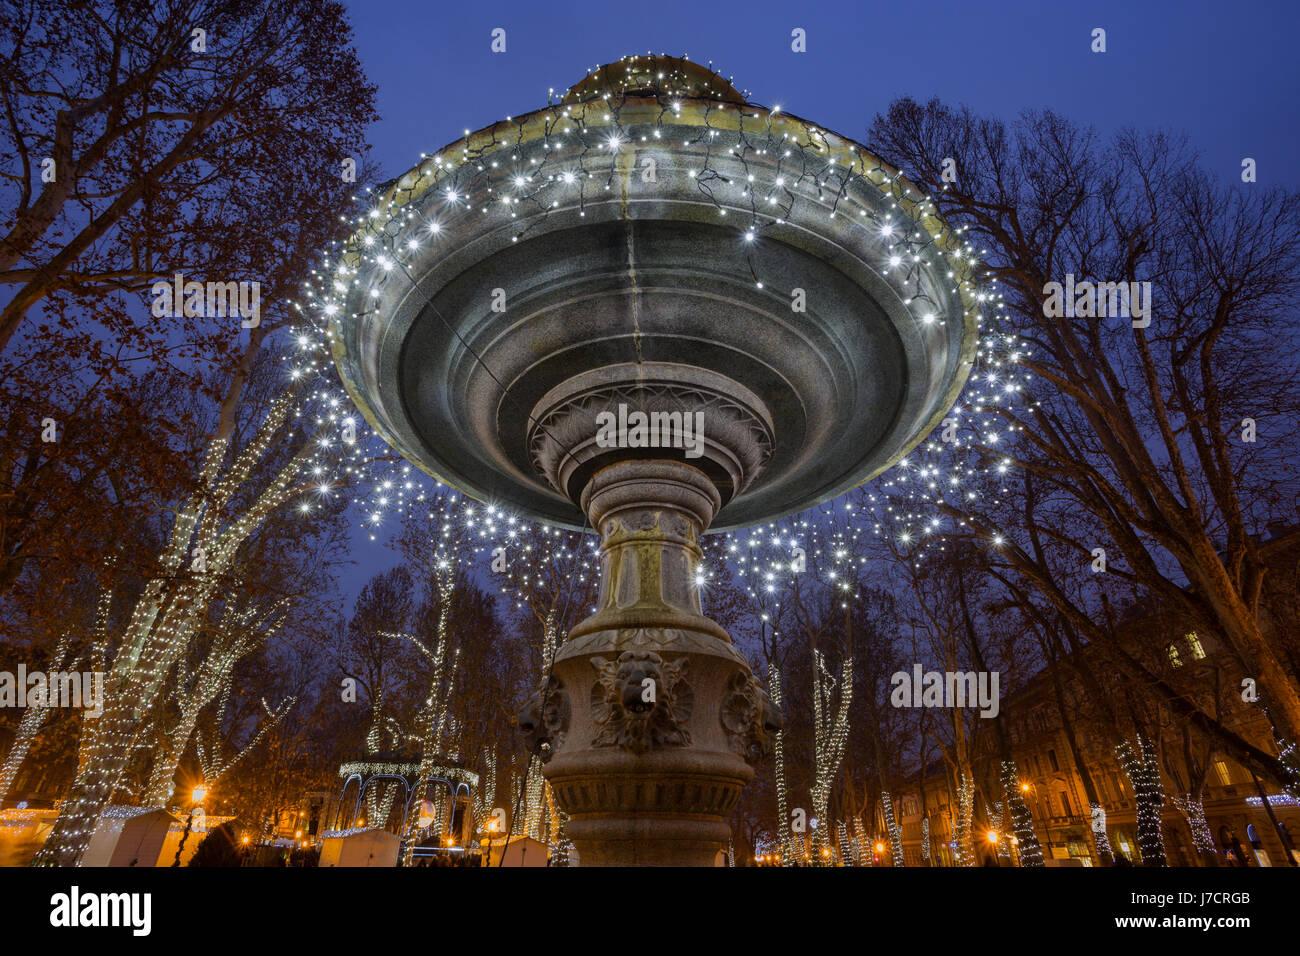 Advent decoration on promenade in Zagreb, Croatia - Stock Image